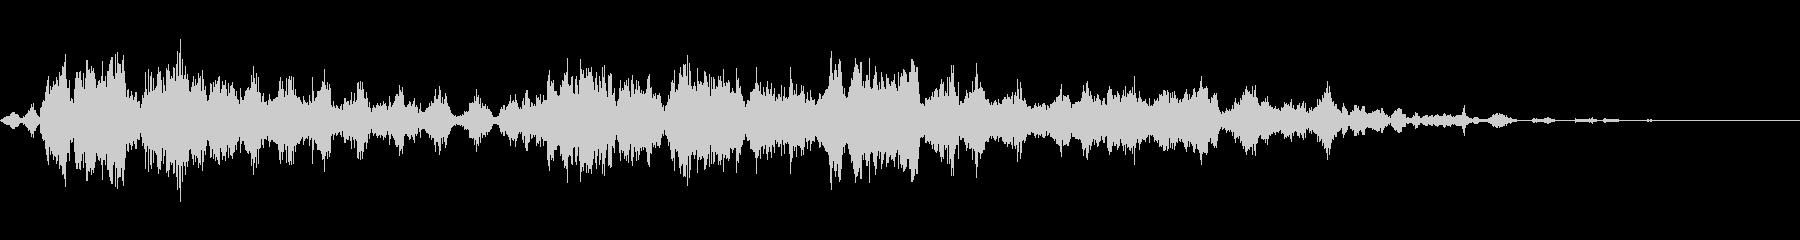 スモールスタジオオーディエンス:ハ...の未再生の波形